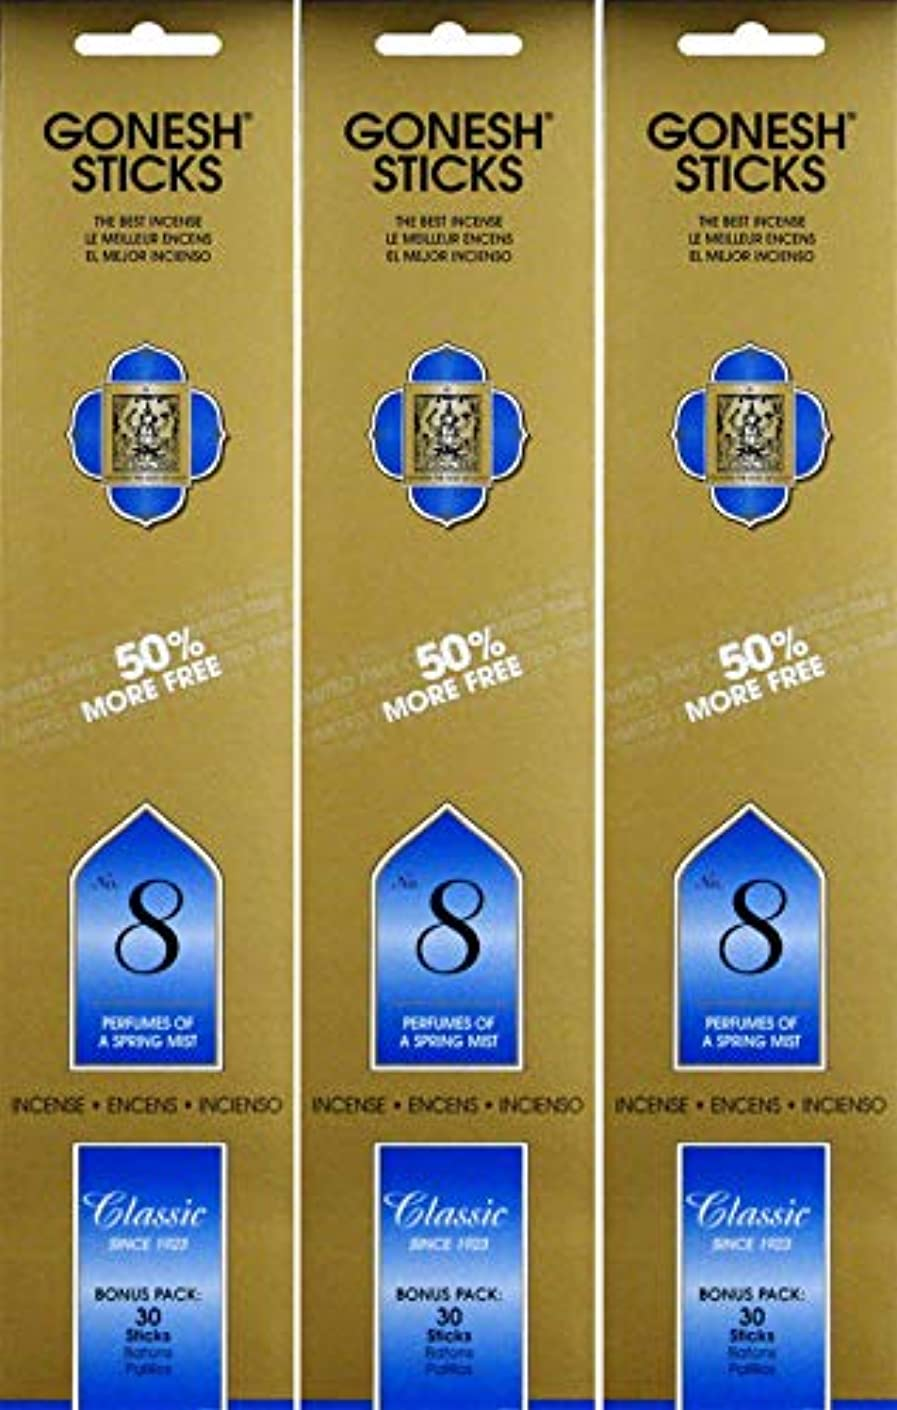 ファンドカウントアップ確認するGonesh #8 Bonus Pack 30 sticks ガーネッシュ#8 ボーナスパック30本入 3個組 90本